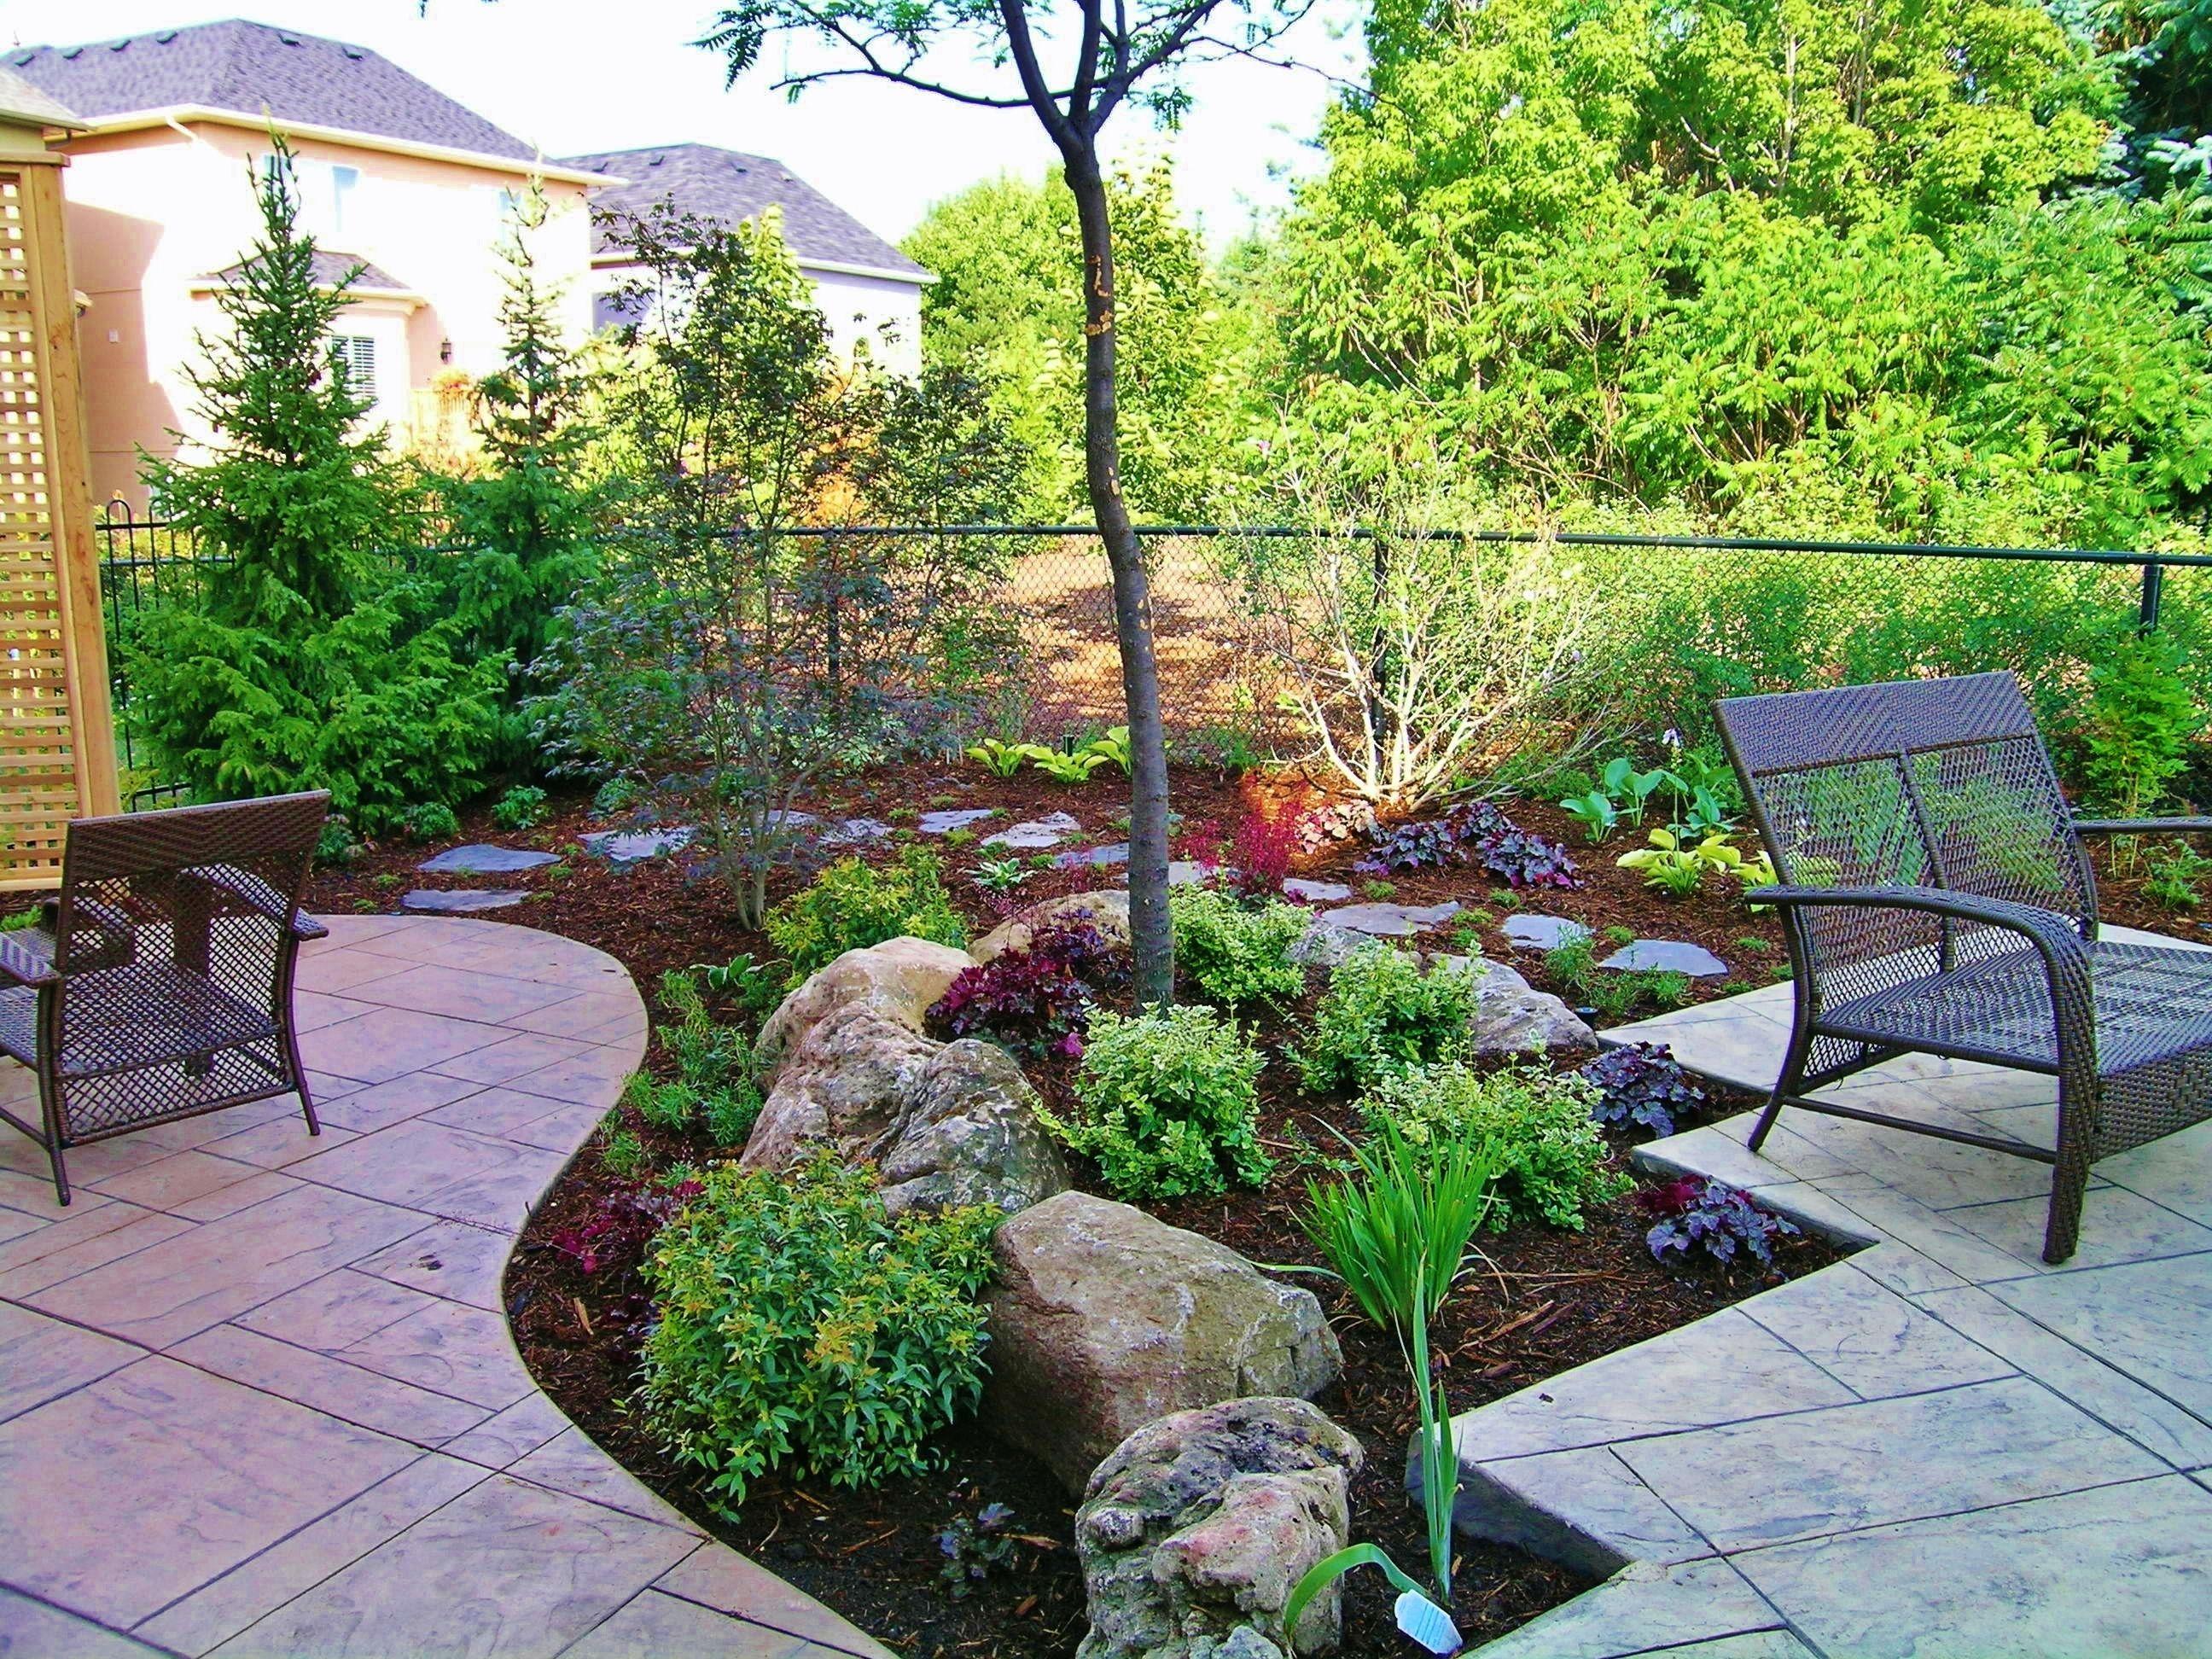 Backyard without grass | Small backyard gardens, Small ... on Cheap No Grass Backyard Ideas  id=36123